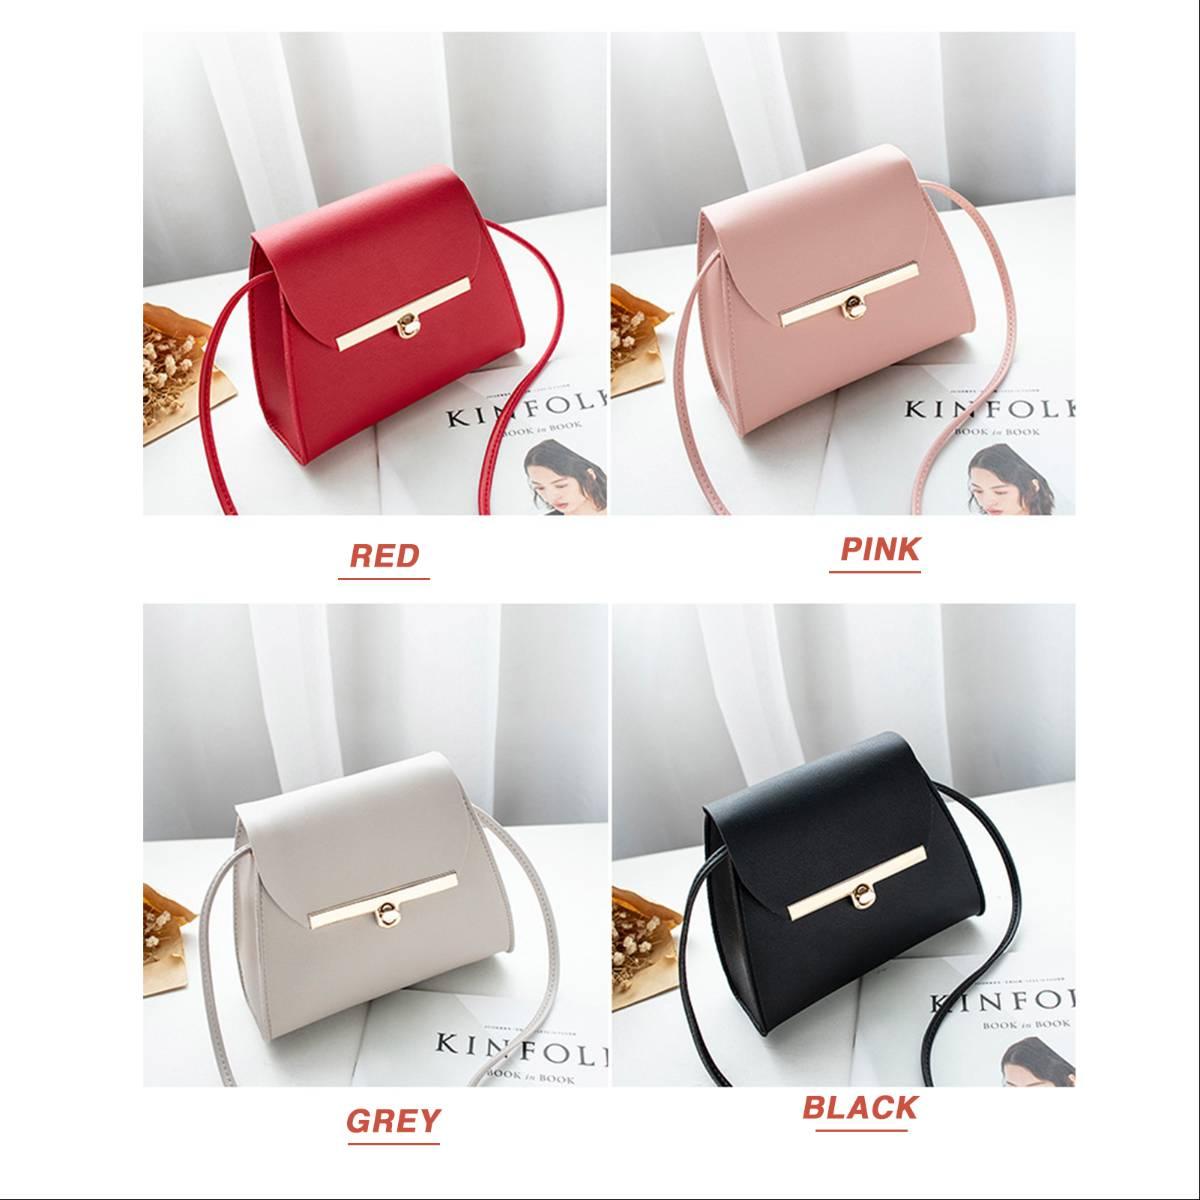 Rufi Small bag